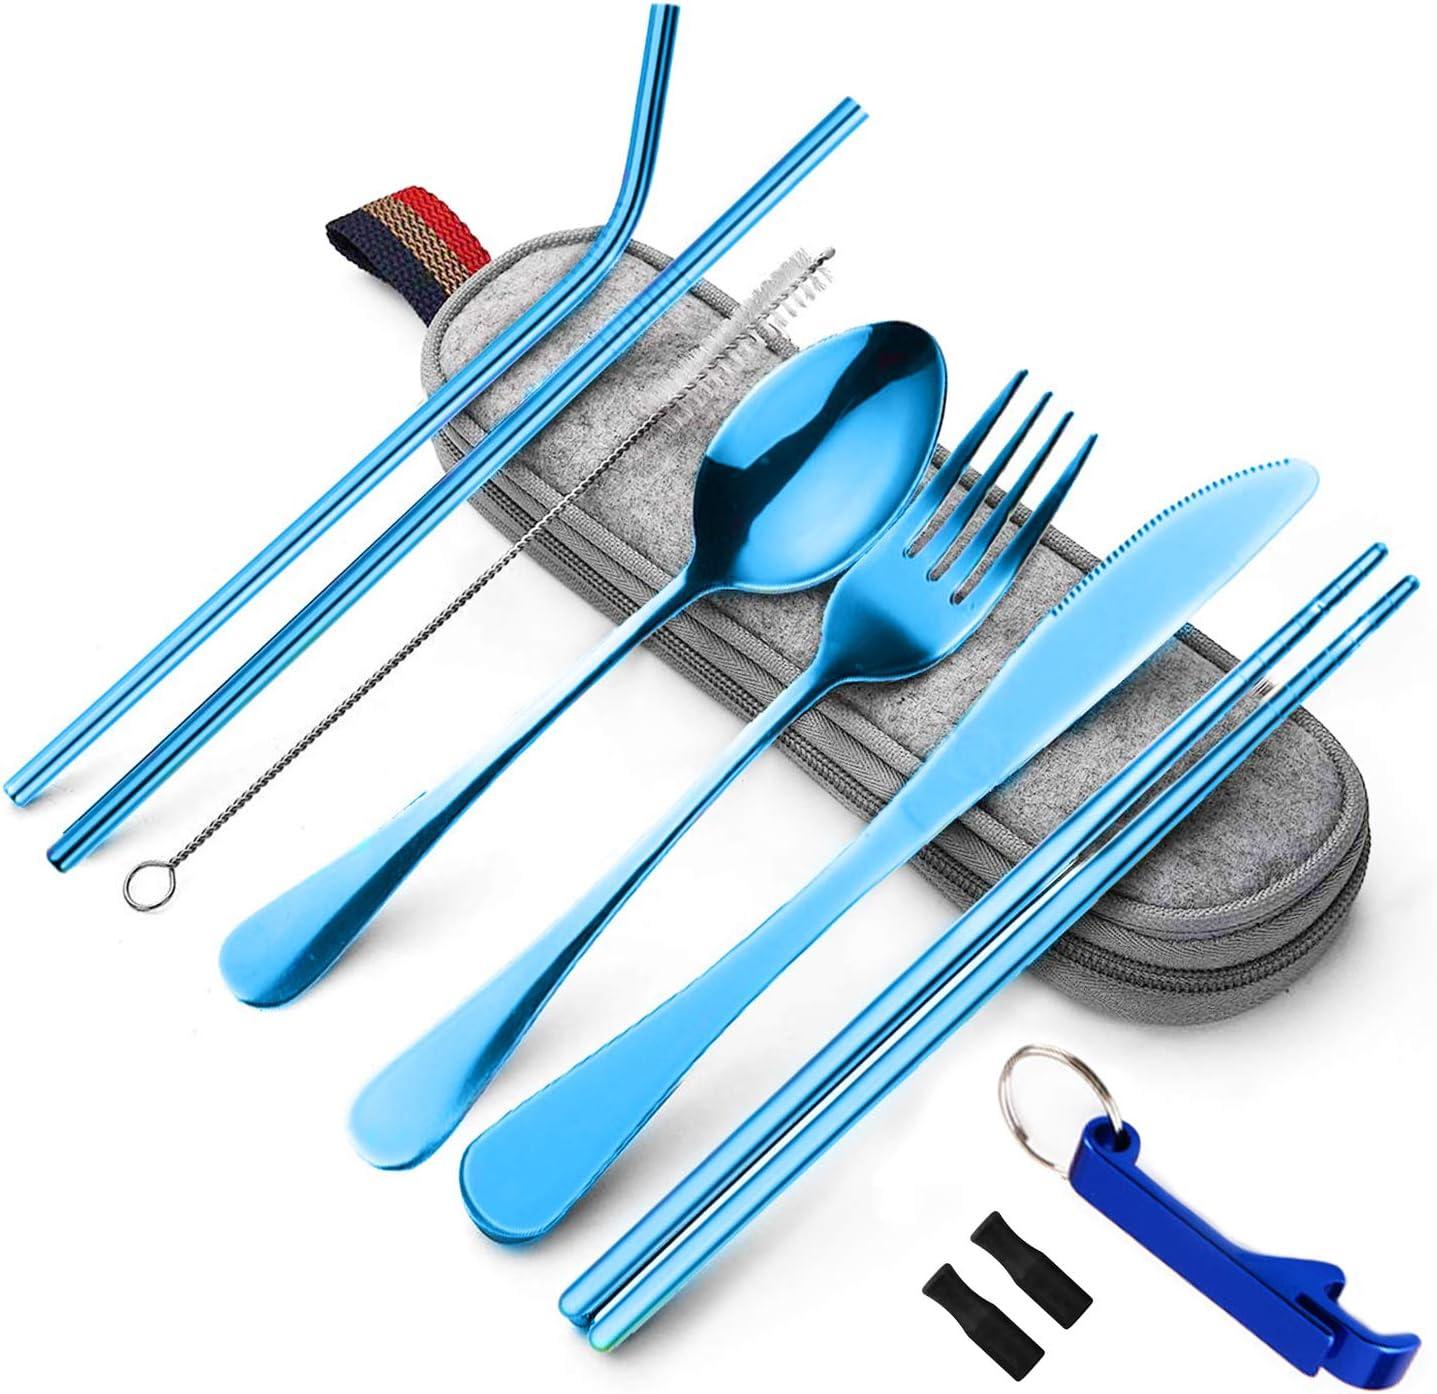 Moyad - Juego de cubiertos de 9 piezas, acero inoxidable, juego de mesa con funda, juego de viaje portátil para camping, picnic, casa, cocina